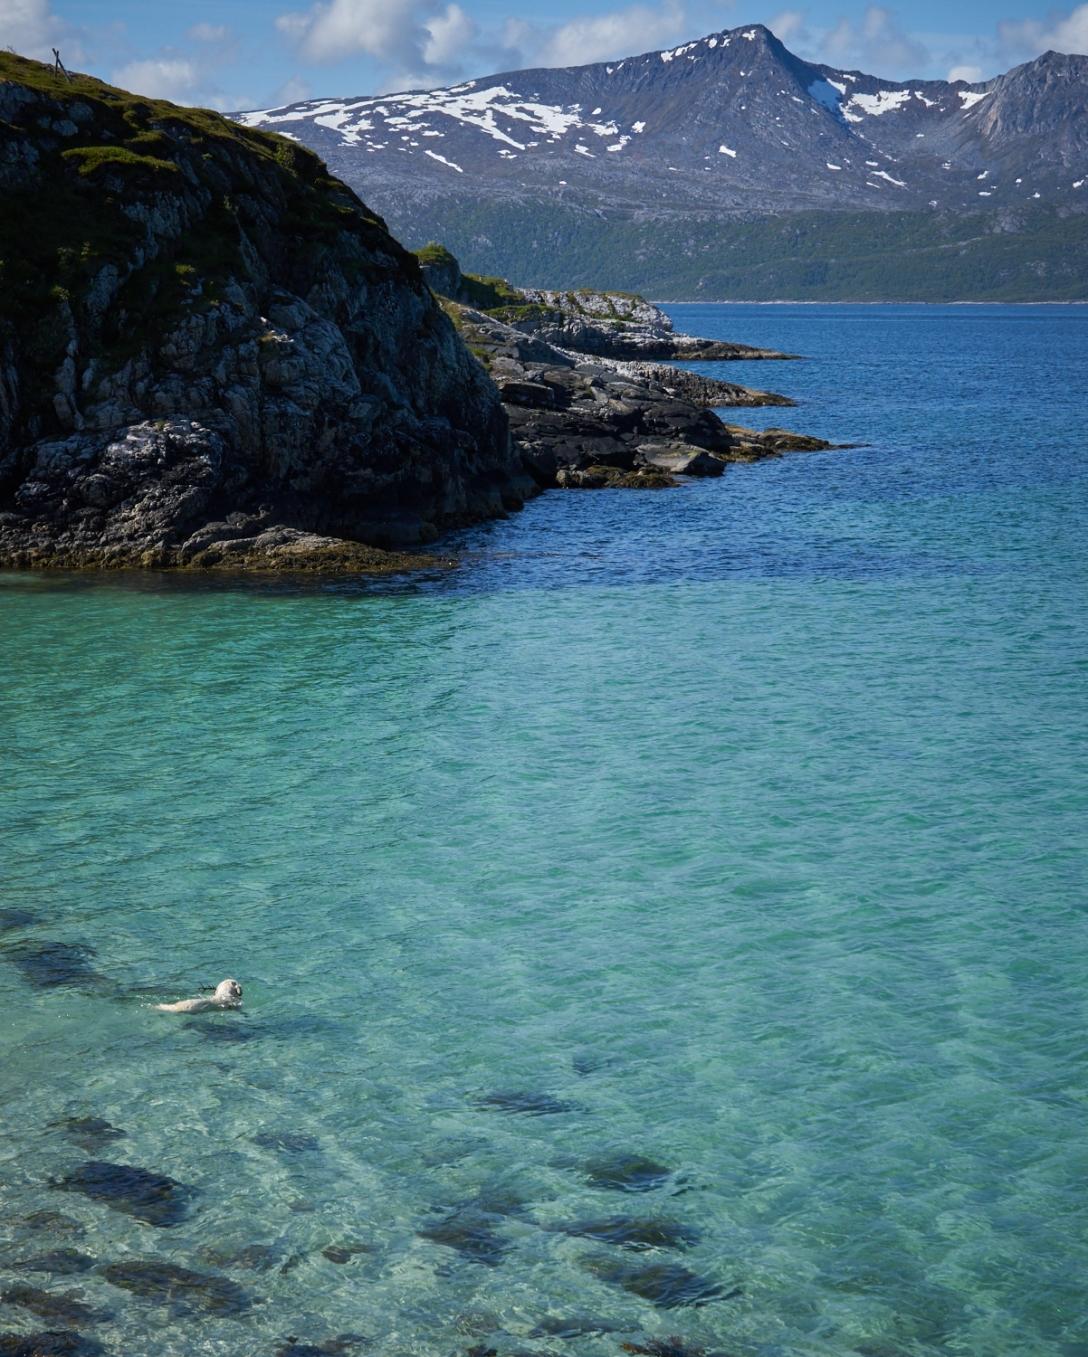 Brensholmen and a Golden retrieiving in the arctic sea.